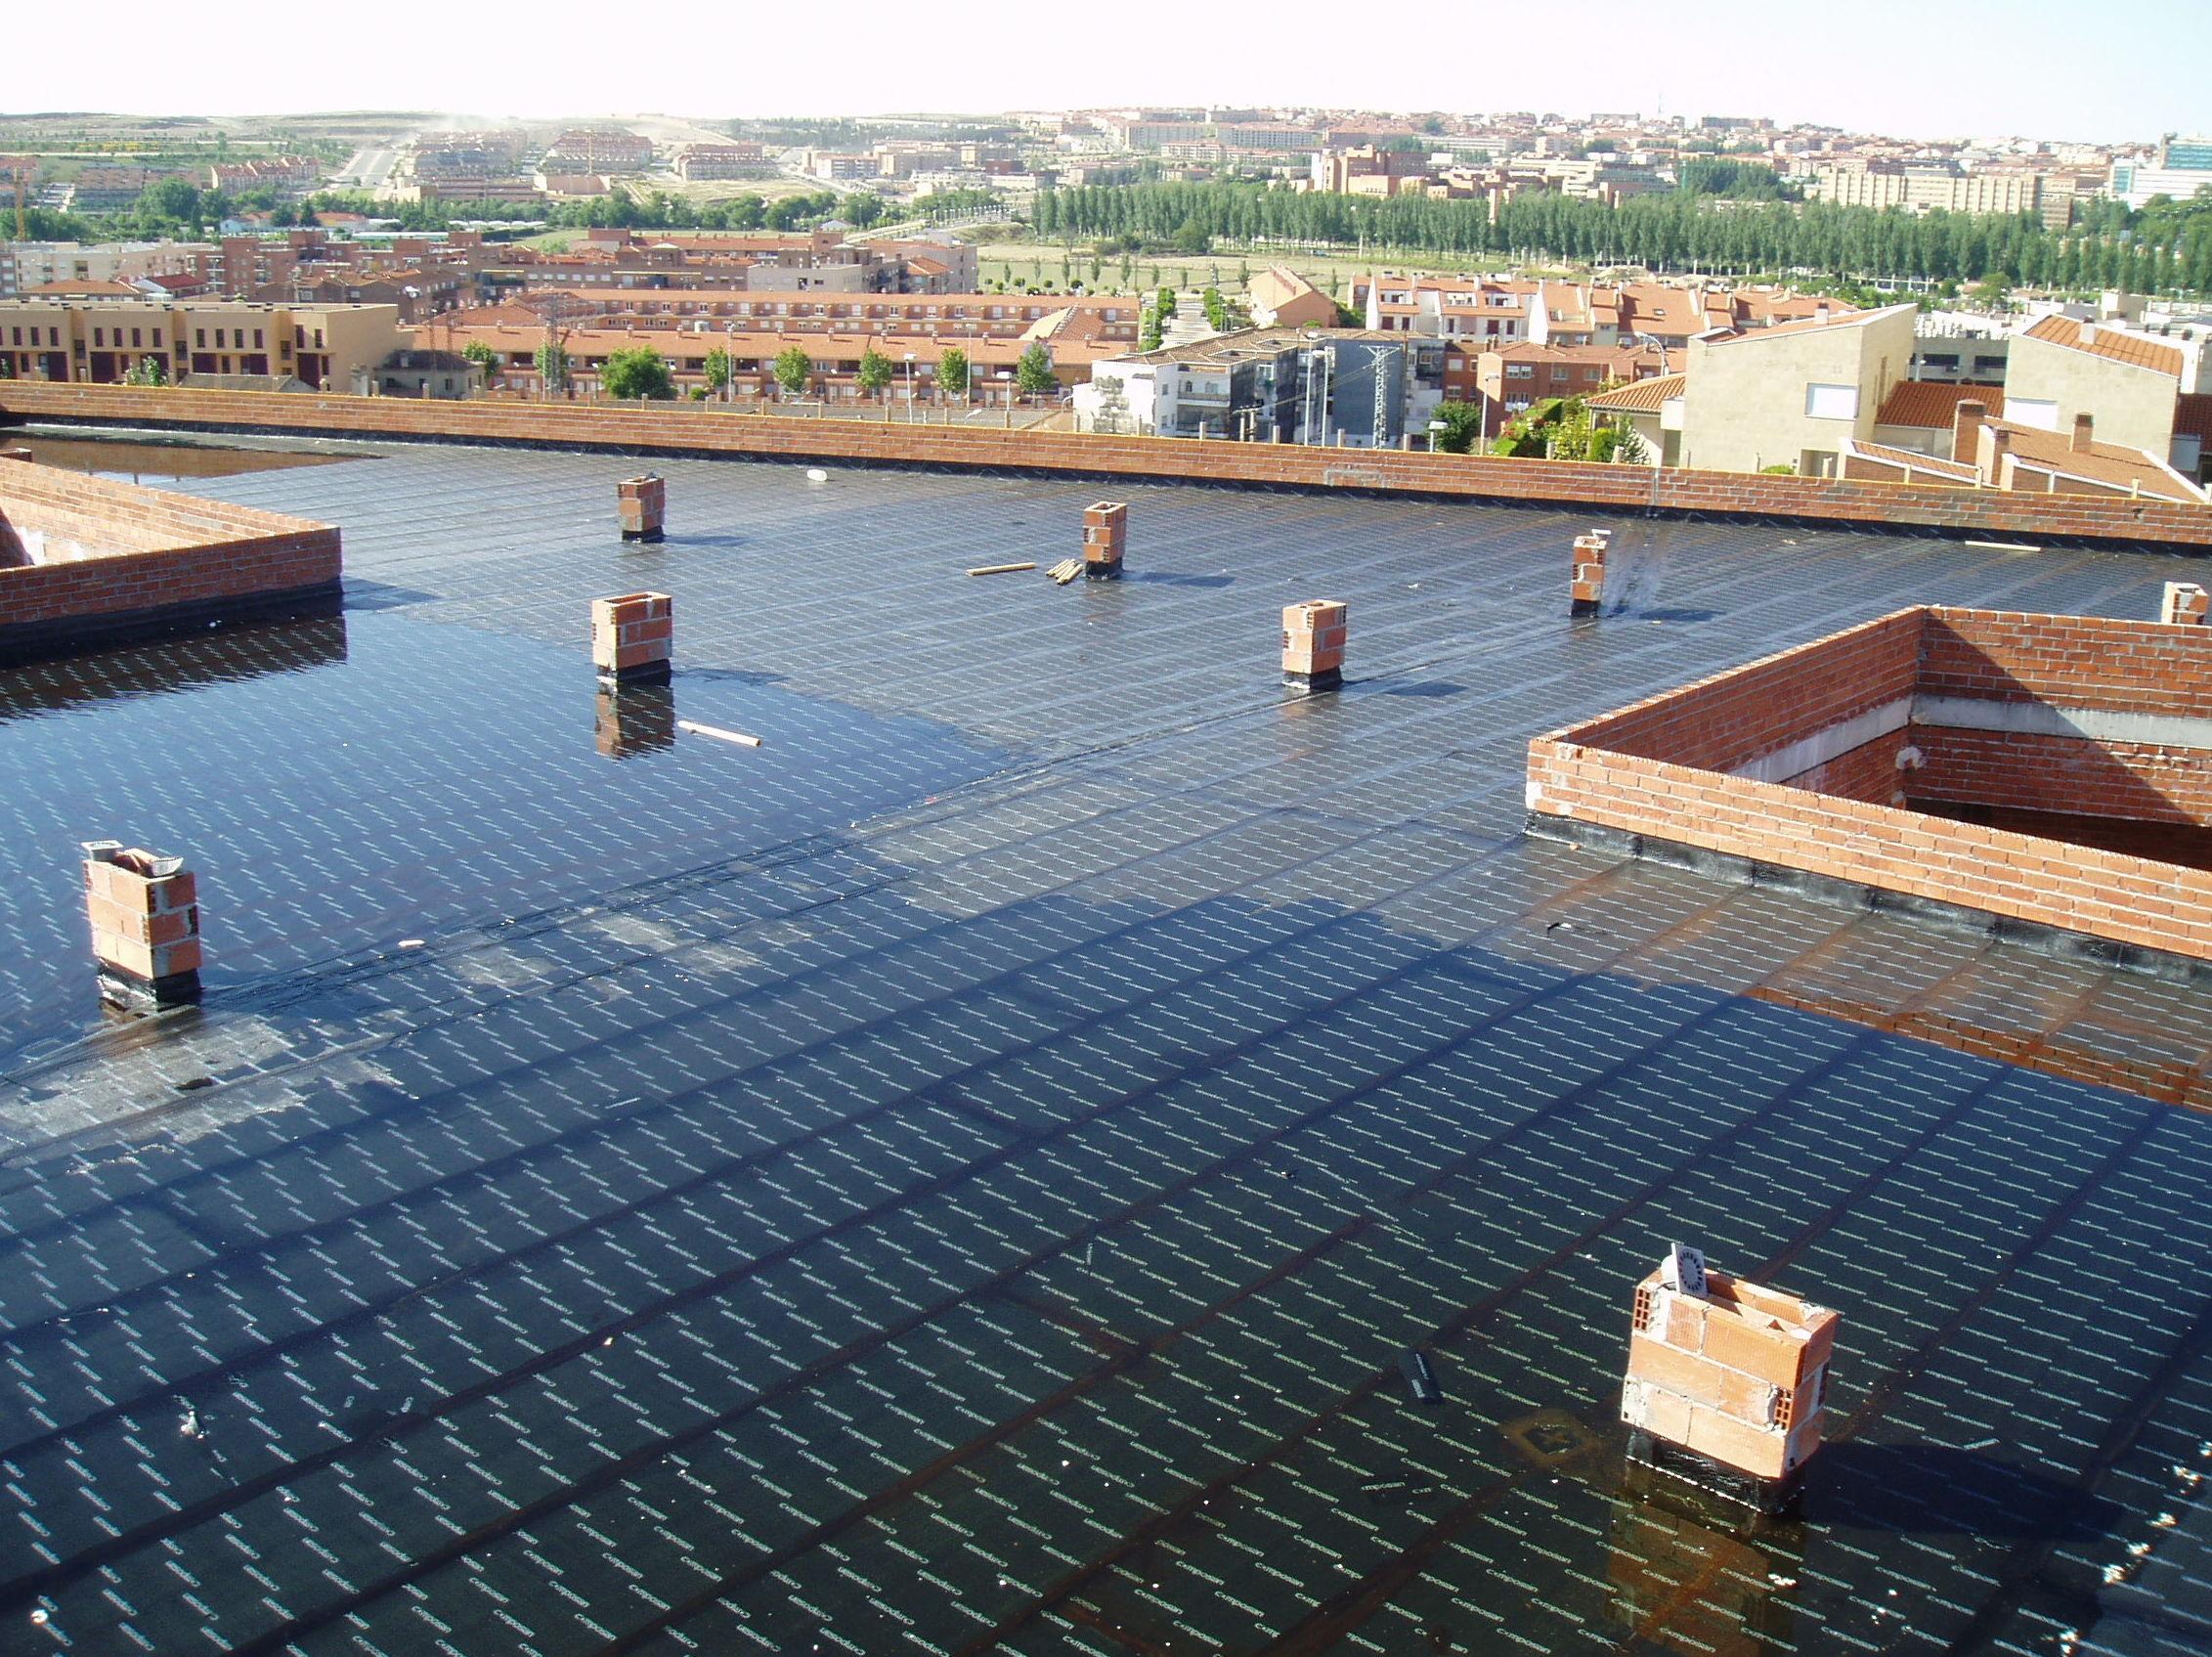 Impermeabilizaci n cubiertas for Cubierta piscina transitable